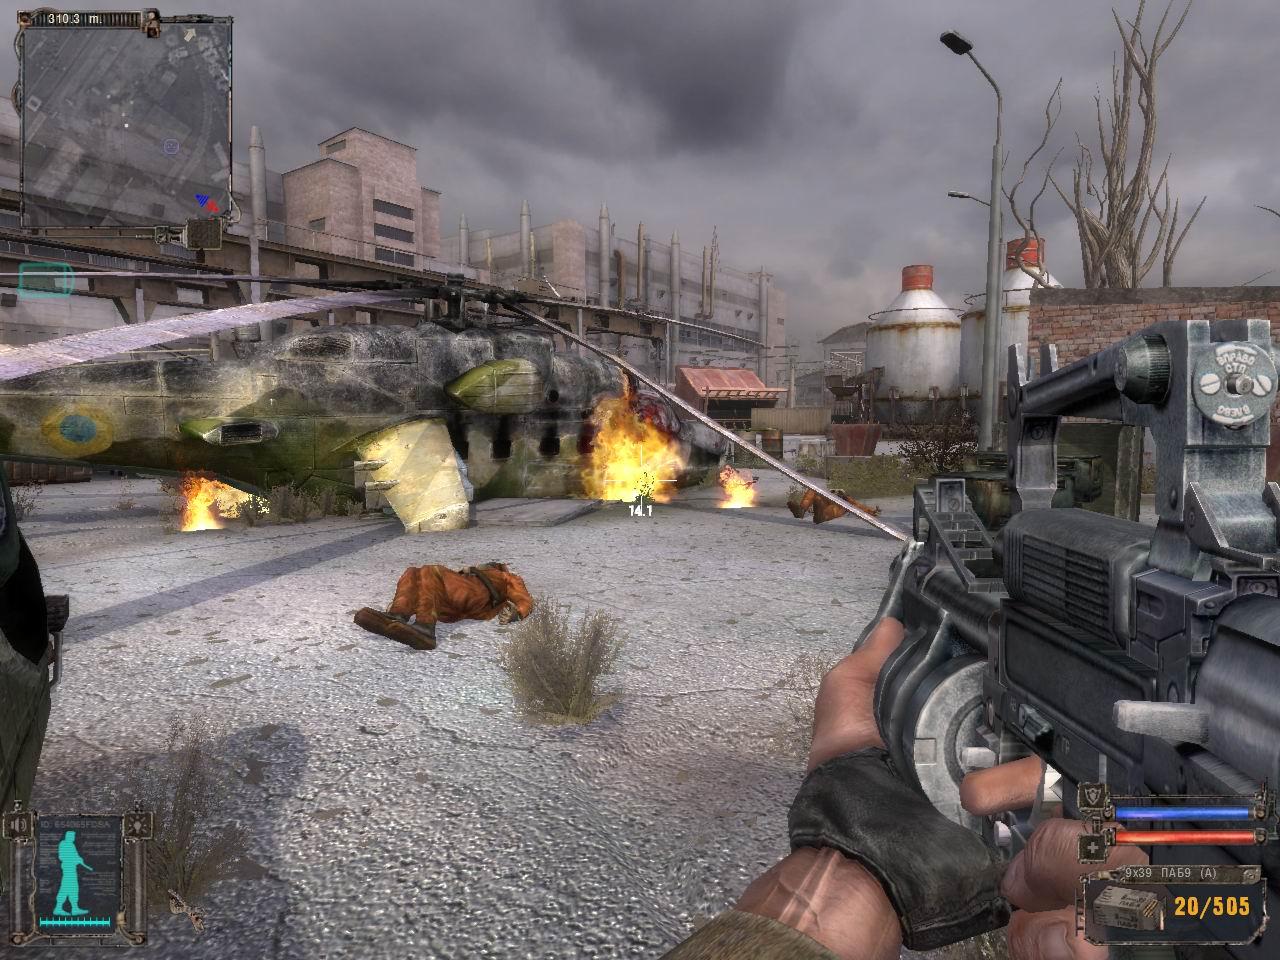 2007 год в компьютерных играх. - Изображение 1